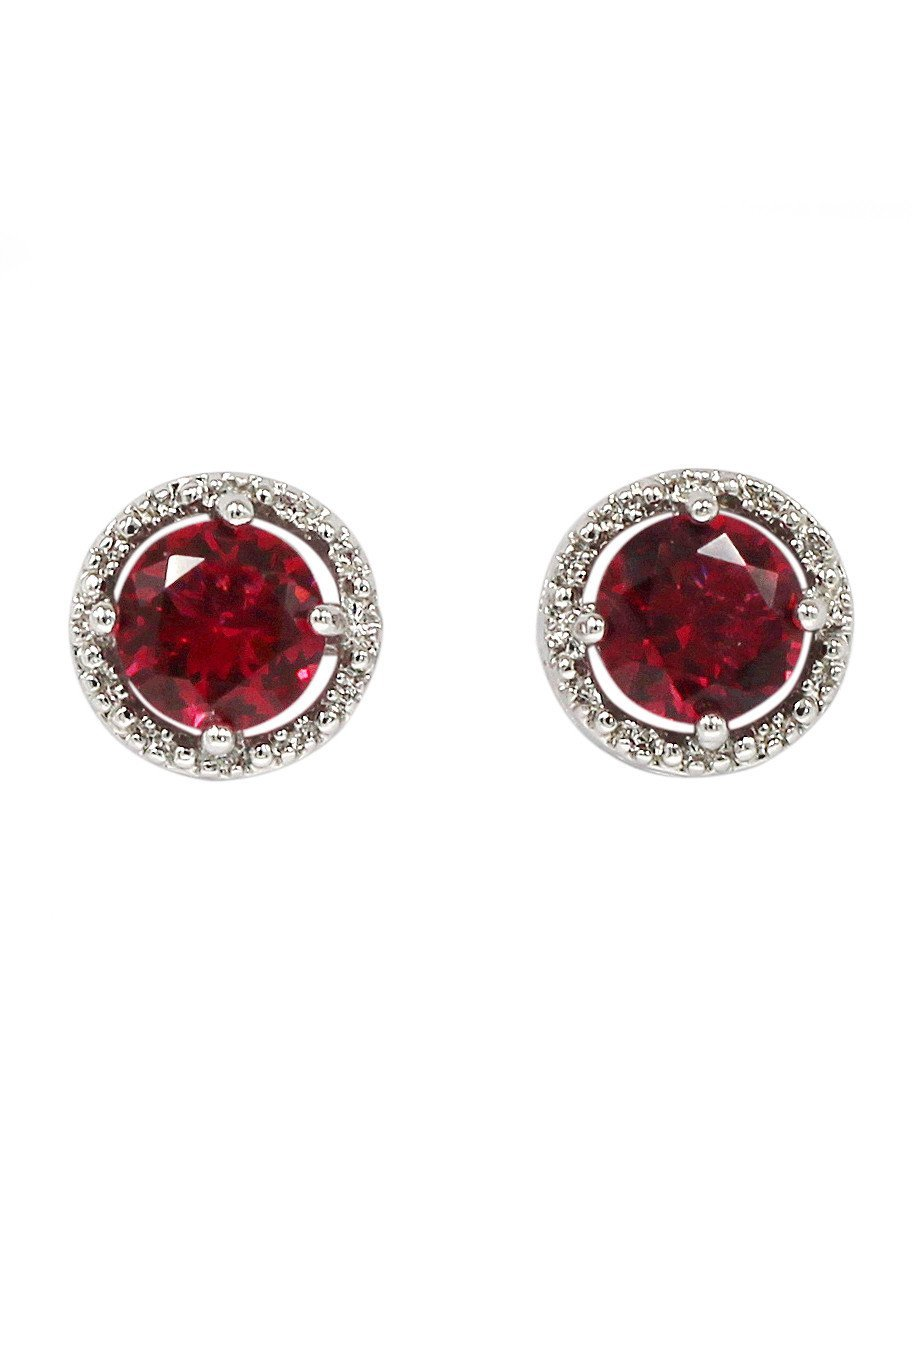 Simple silver red crystal earrings